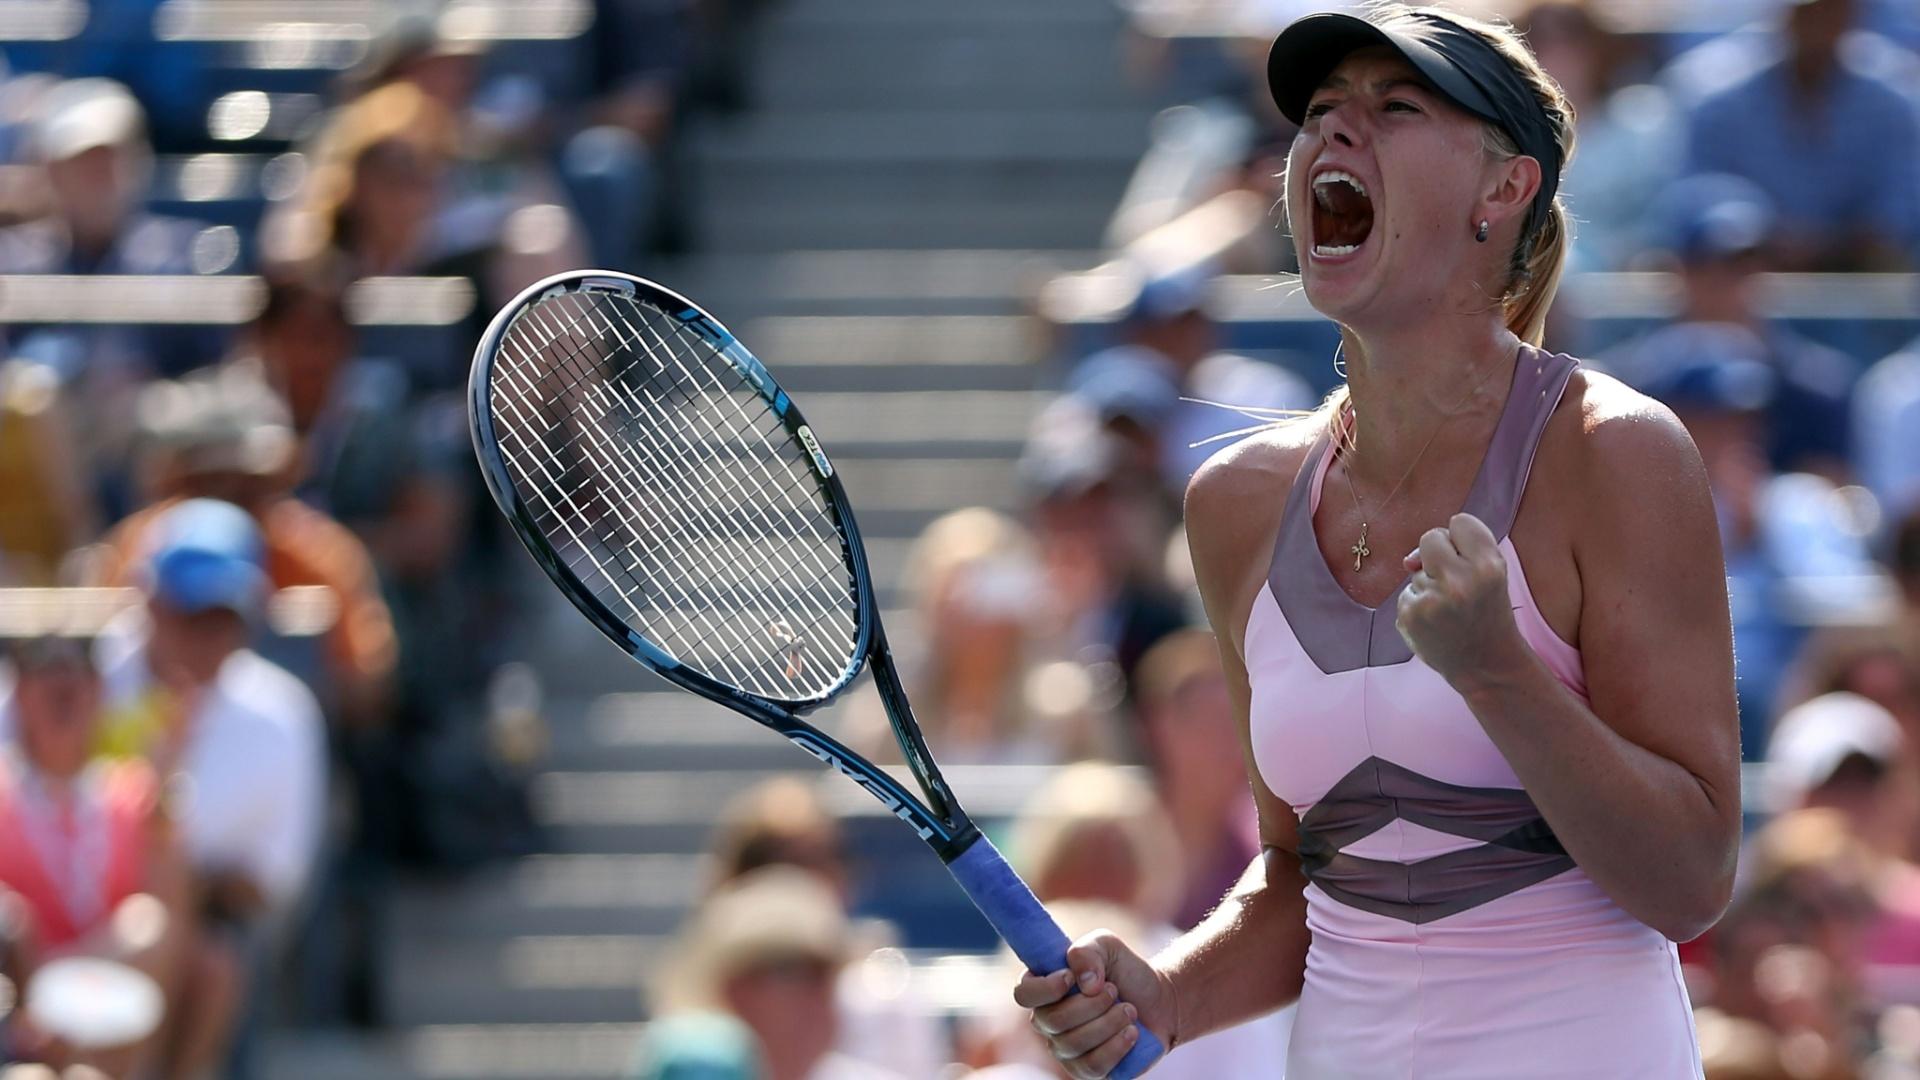 Maria Sharapova comemora ponto conquistado durante a semfinal do Aberto dos EUa contra Victoria Azarenka